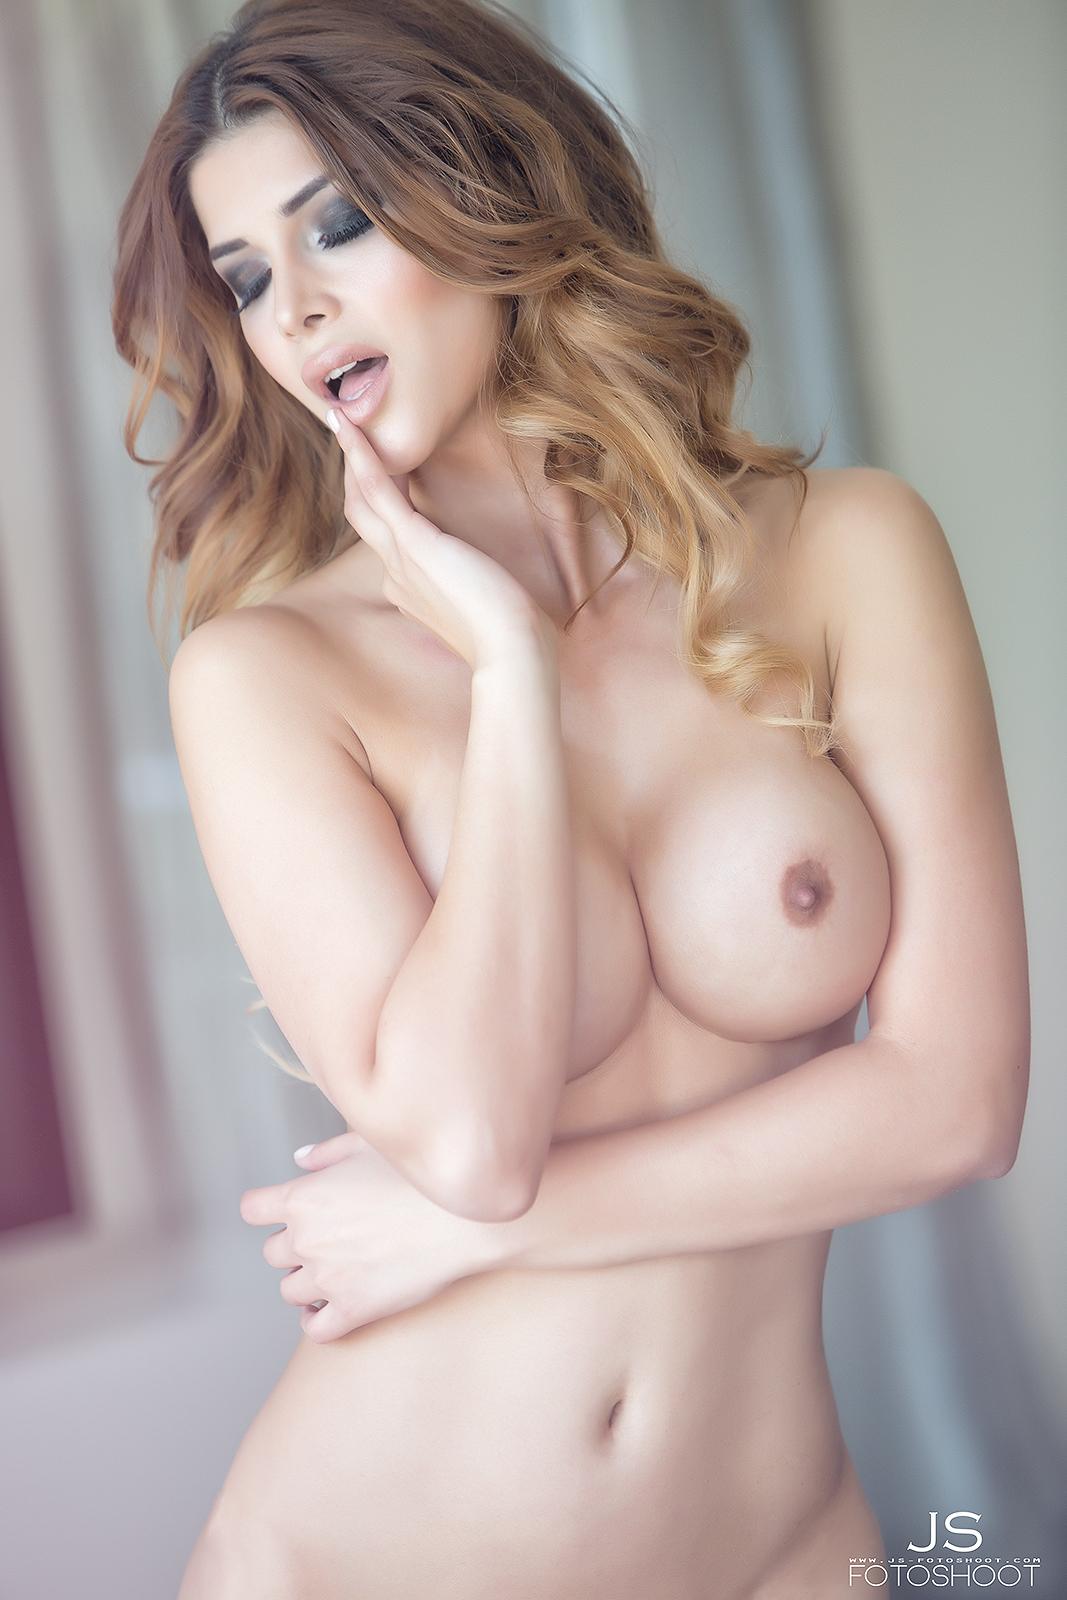 Micaela SchäFer Nackt Porno